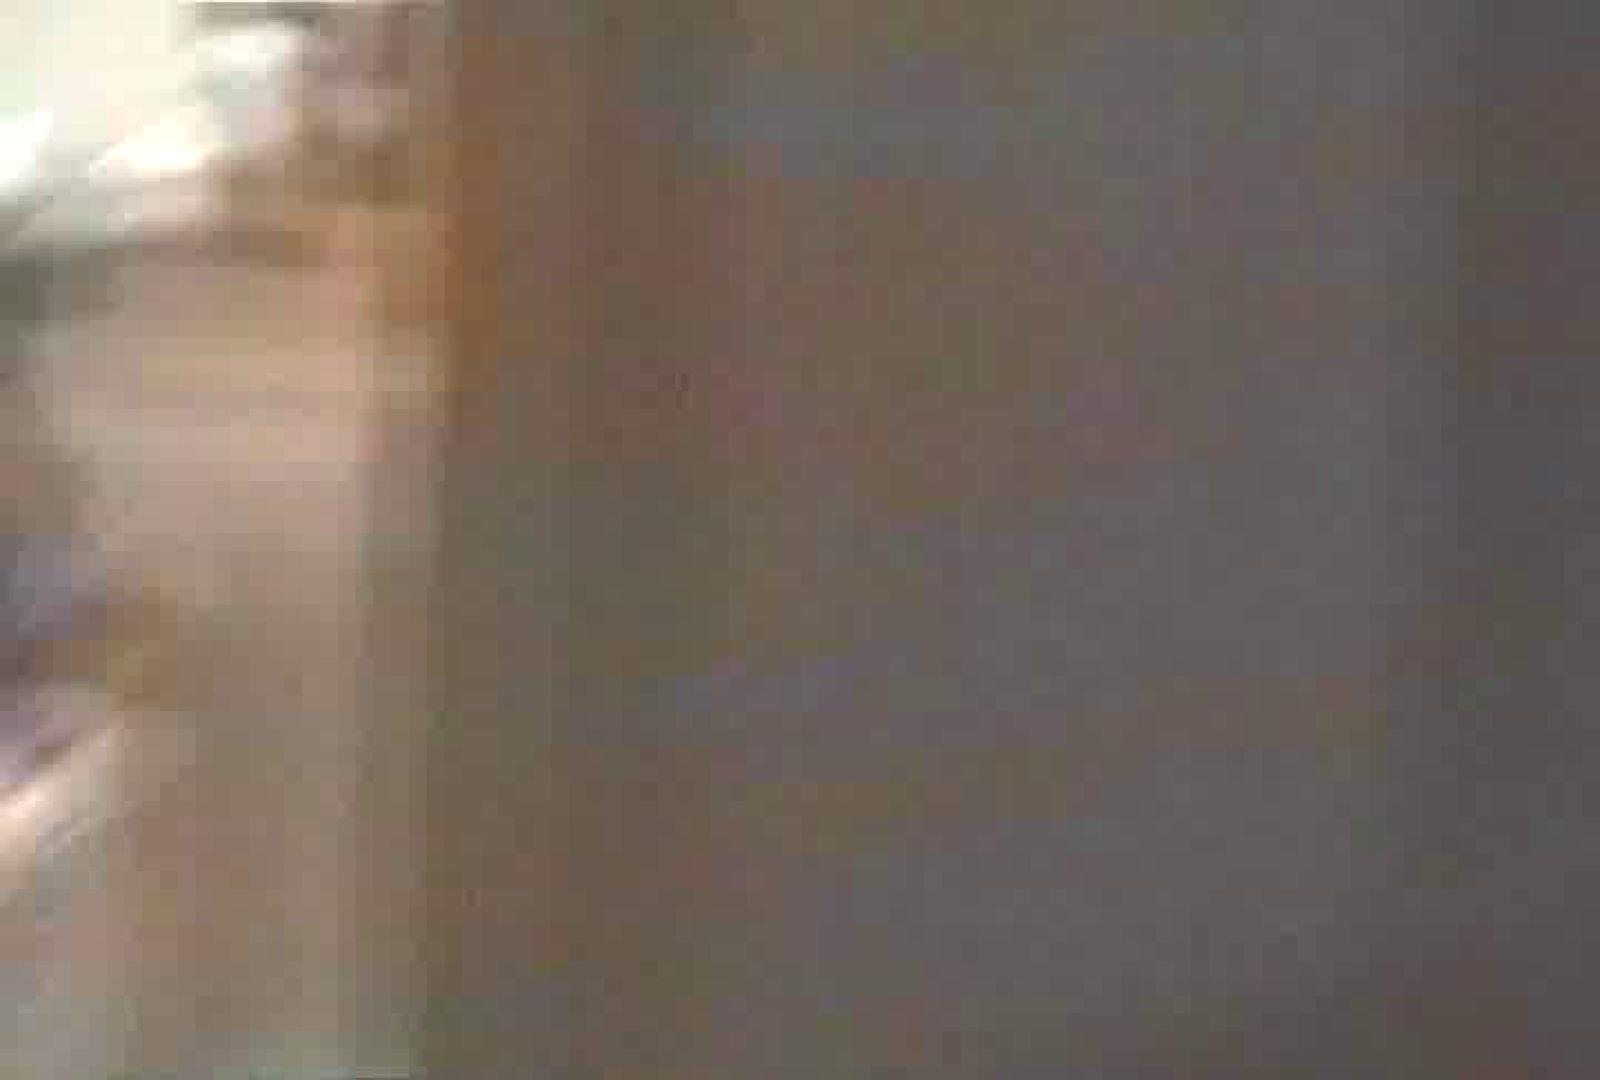 素人投稿シリーズ 盗撮 覗きの穴場 大浴場編  Vol.2 覗き ヌード画像 96連発 95